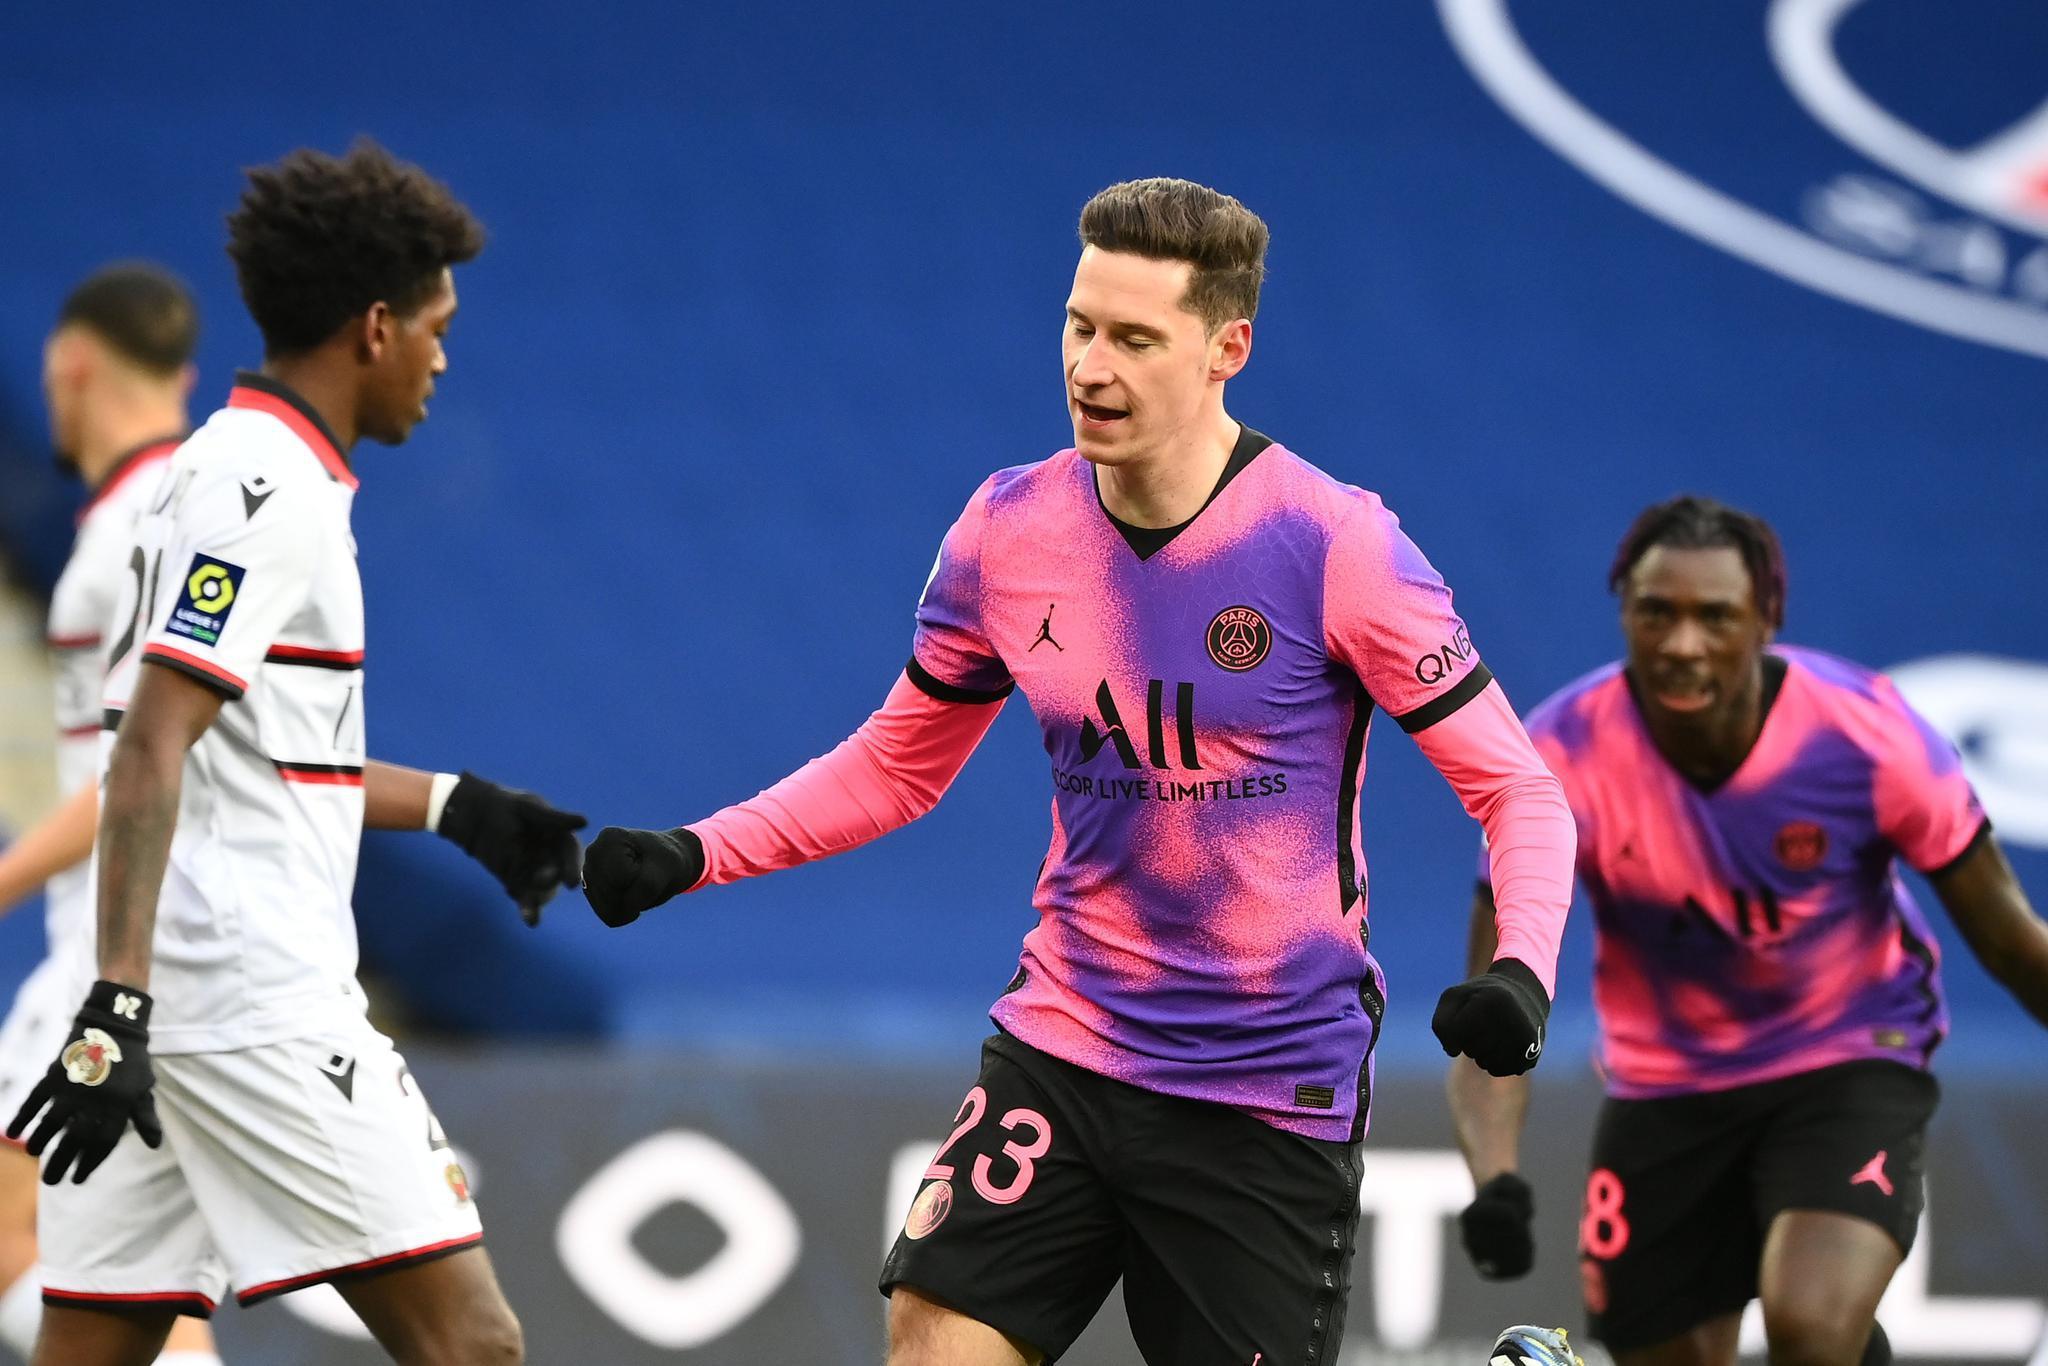 巴黎2-1胜尼斯  伊卡尔迪中柱+助攻小基恩破门